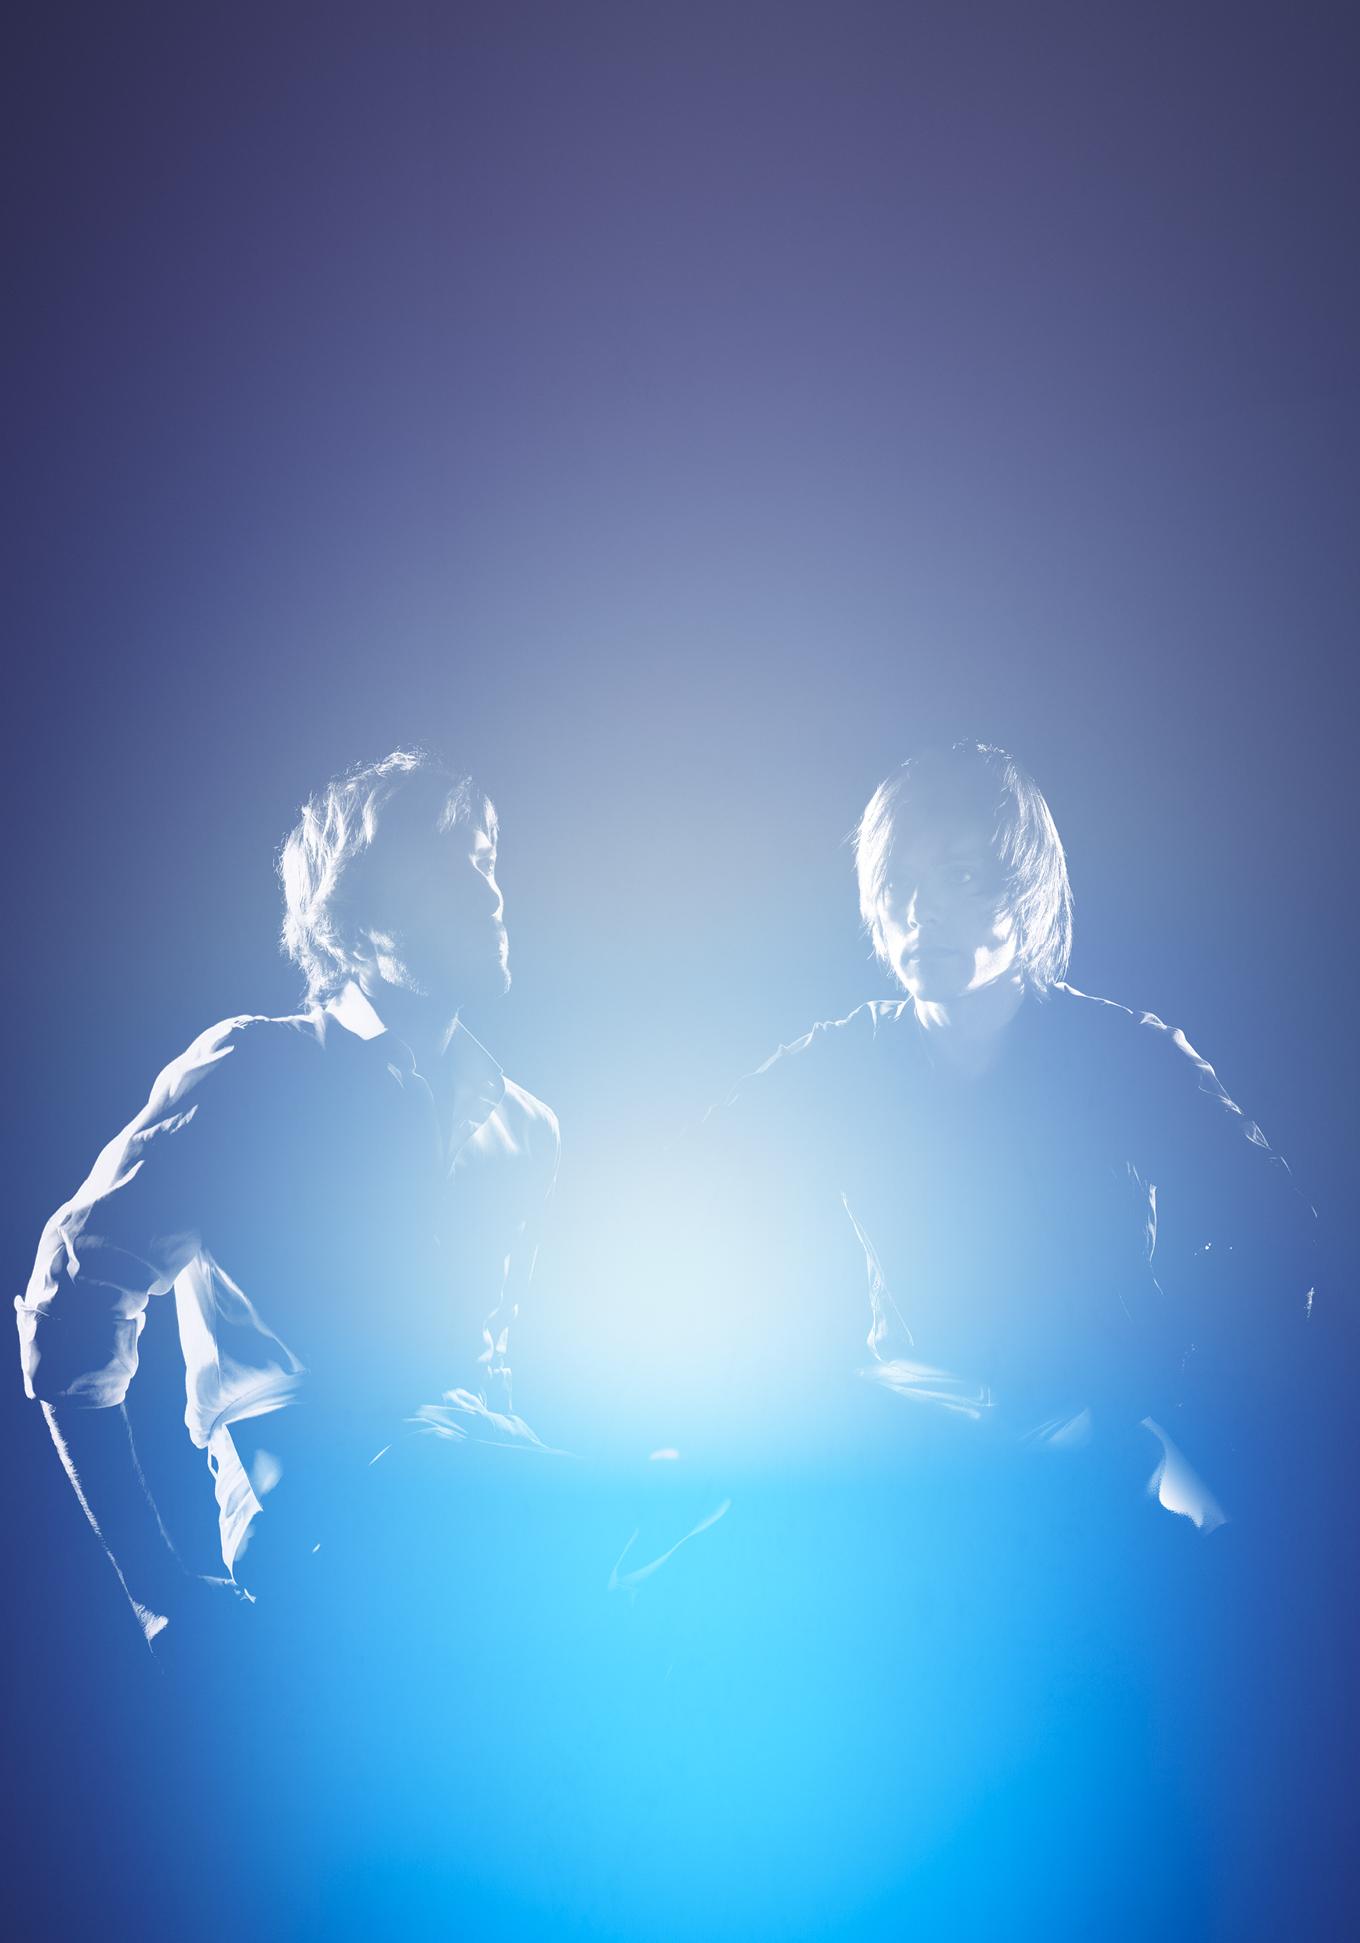 mathias kiss - xavier veilhan - Open museum - Palais des beaux arts de Lille -Groupe de musique french touch - Jean-Benoit Dunckel - Nicolas Godin - linda - bujoli - AIR - Pocket symphony - album -portrait - Photographique - Iconique - Sculpter - Lumière